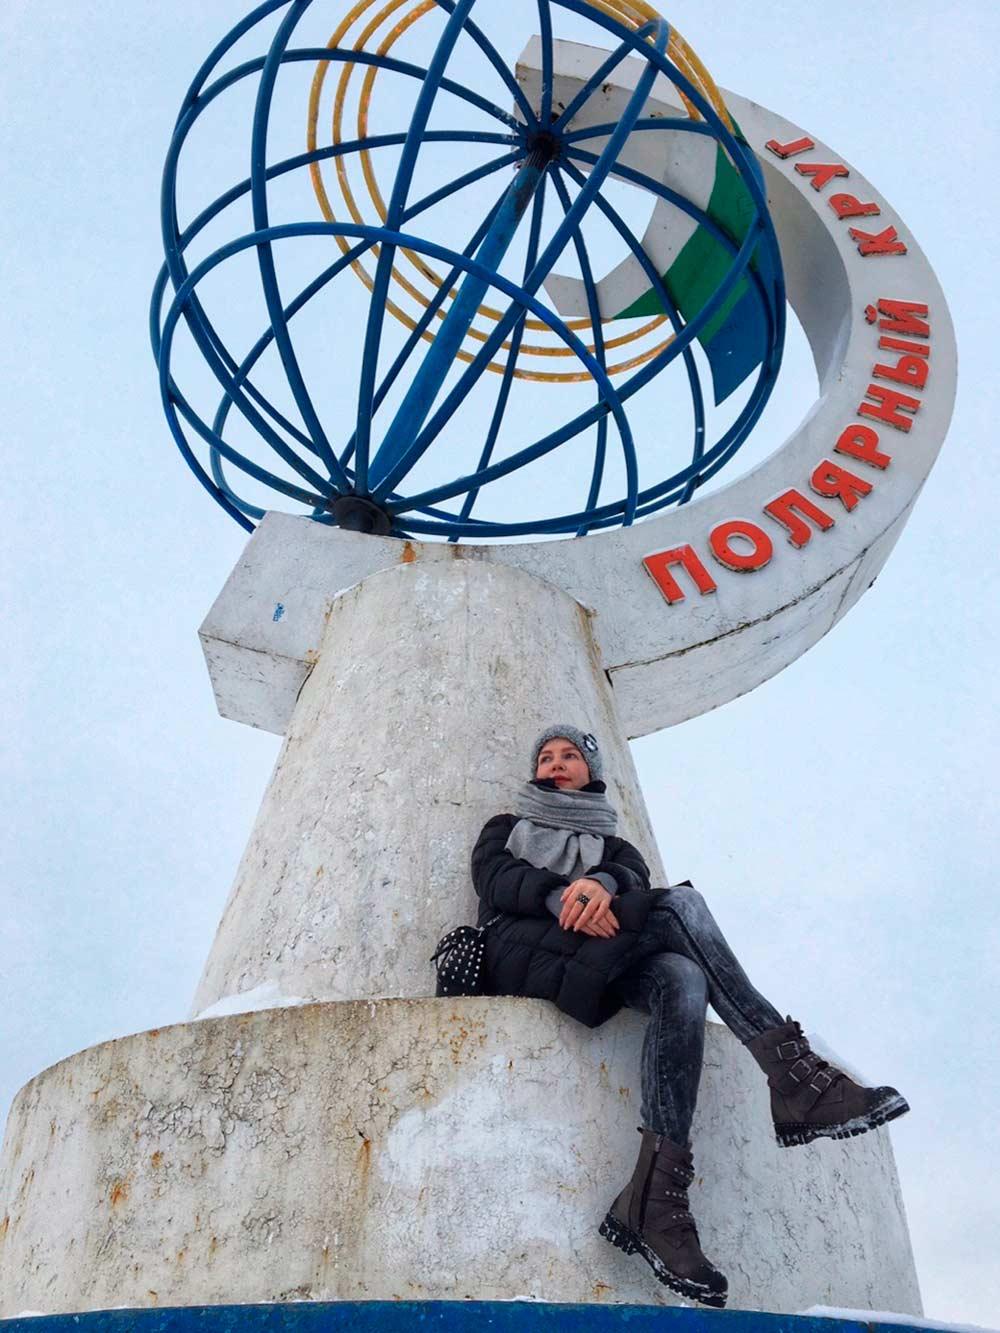 К памятному знаку часто приезжают туристы, чтобы сфотографироваться. Источник: Ольга Курсова